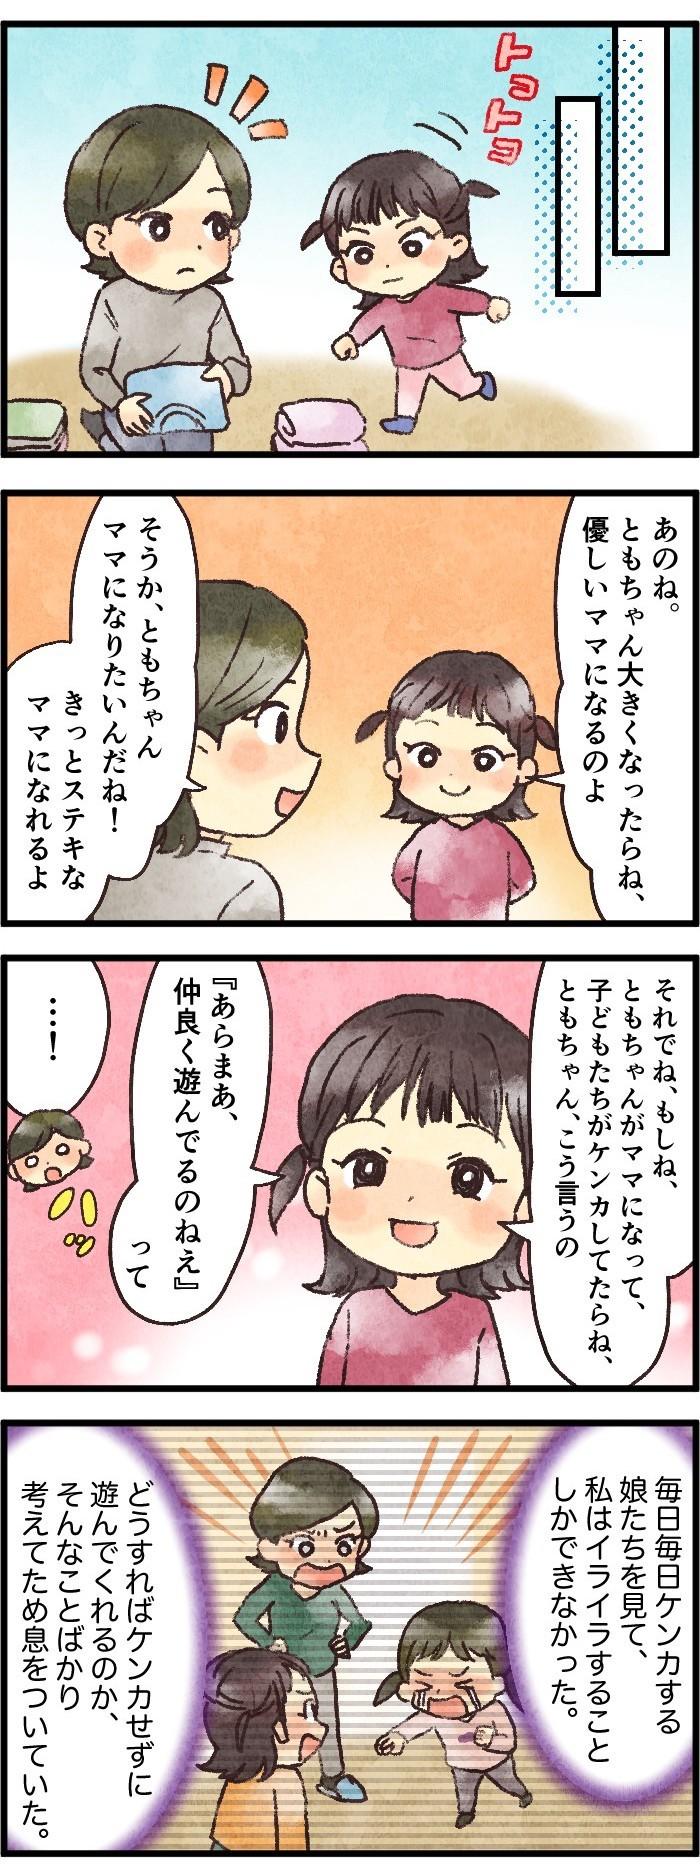 「私がママになったらね…」姉妹喧嘩にイライラしていた私が、ハッとした娘の言葉の画像3